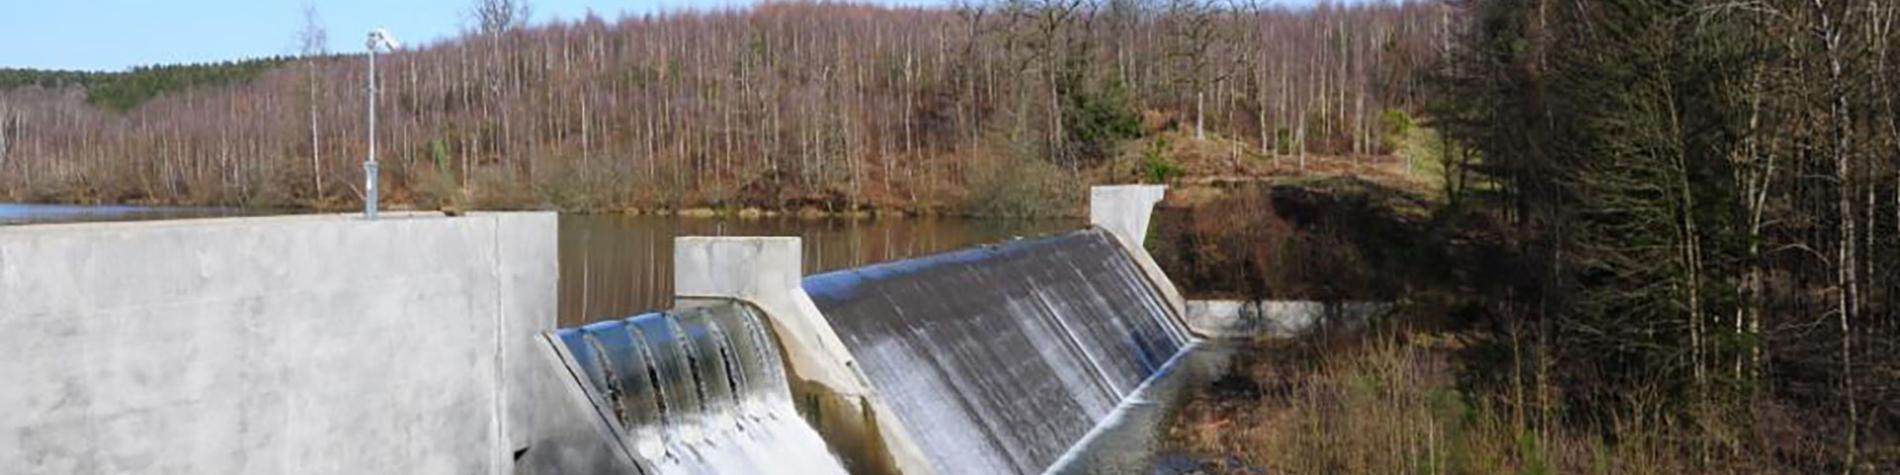 Lac et barrage de la Vierre à Suxy - Gaume